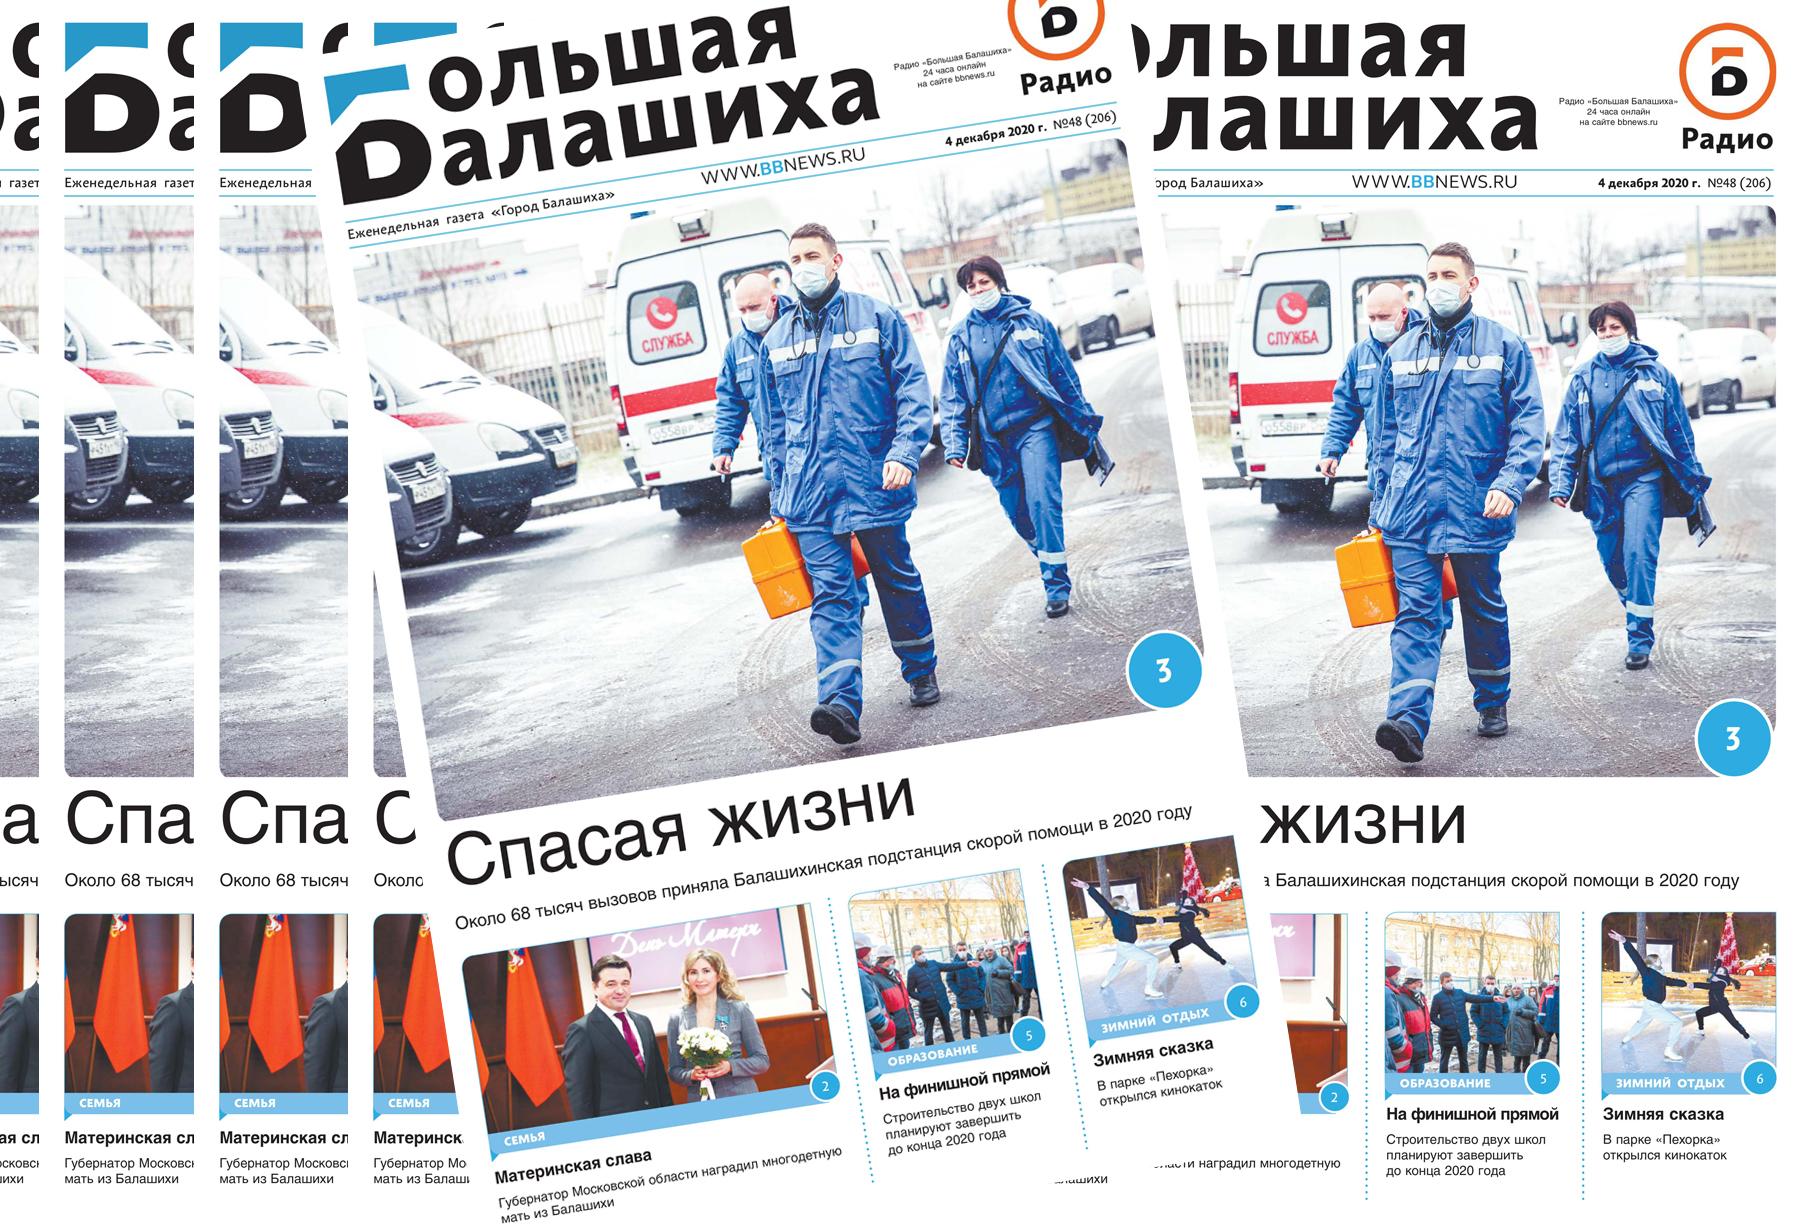 Вышла газета «Город Балашиха» №48 (206)